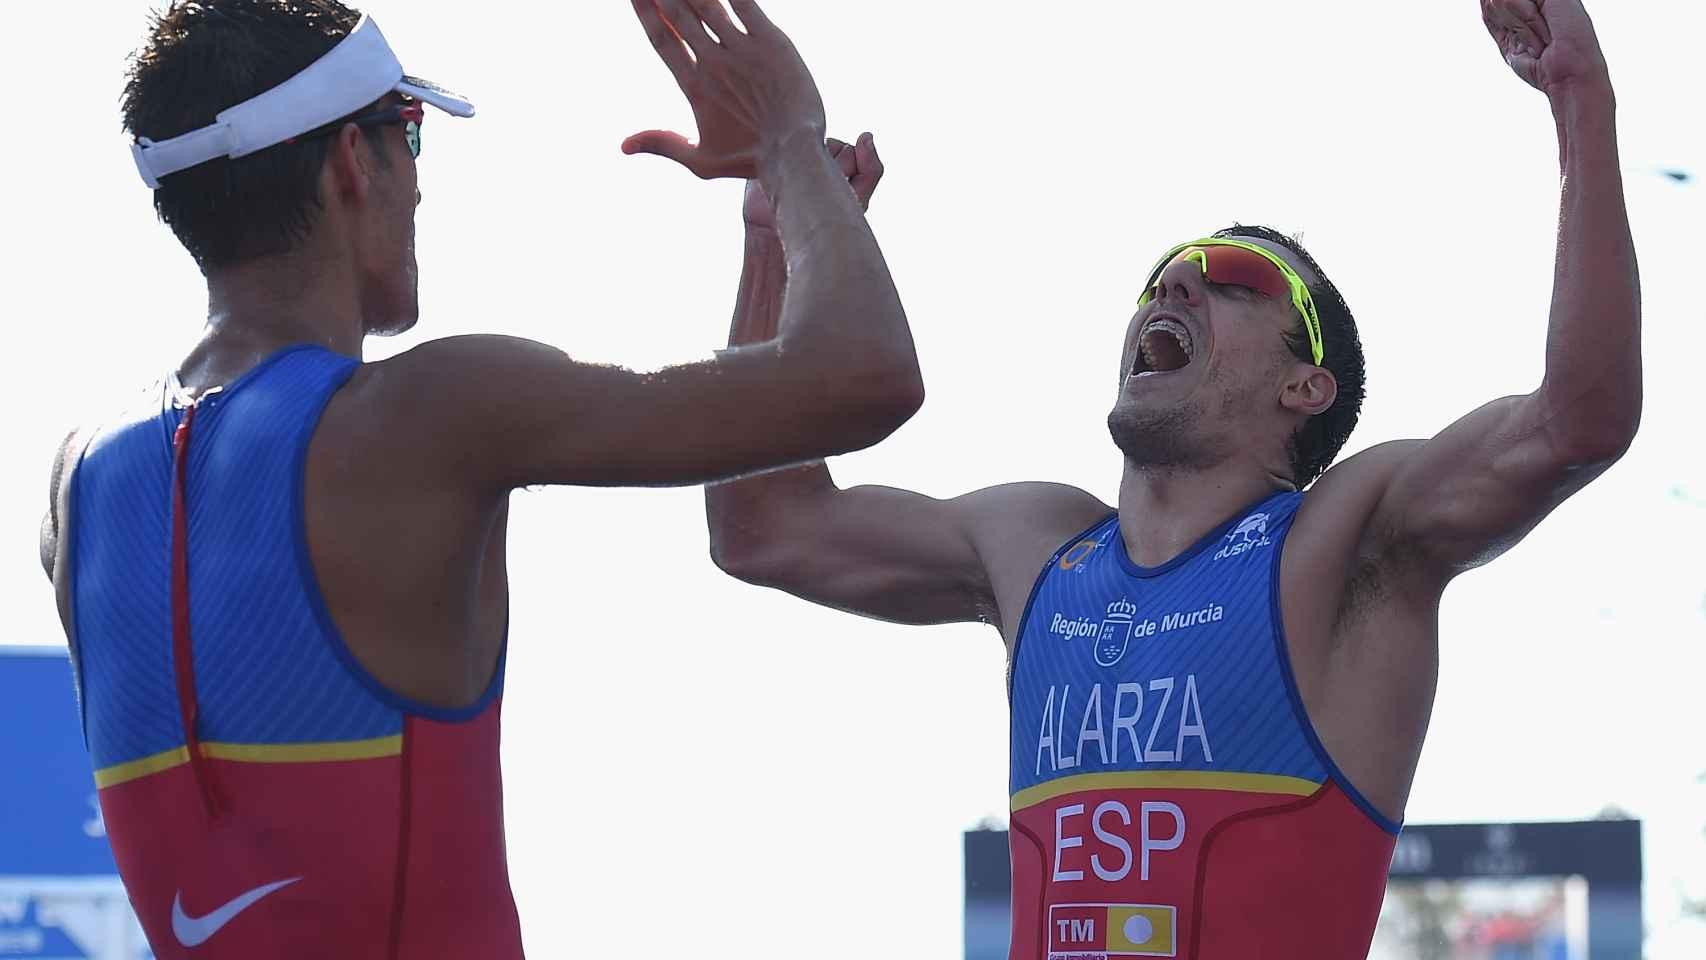 Mola y Alarza celebran su primer y tercer puesto respectivamente en Hamburgo.